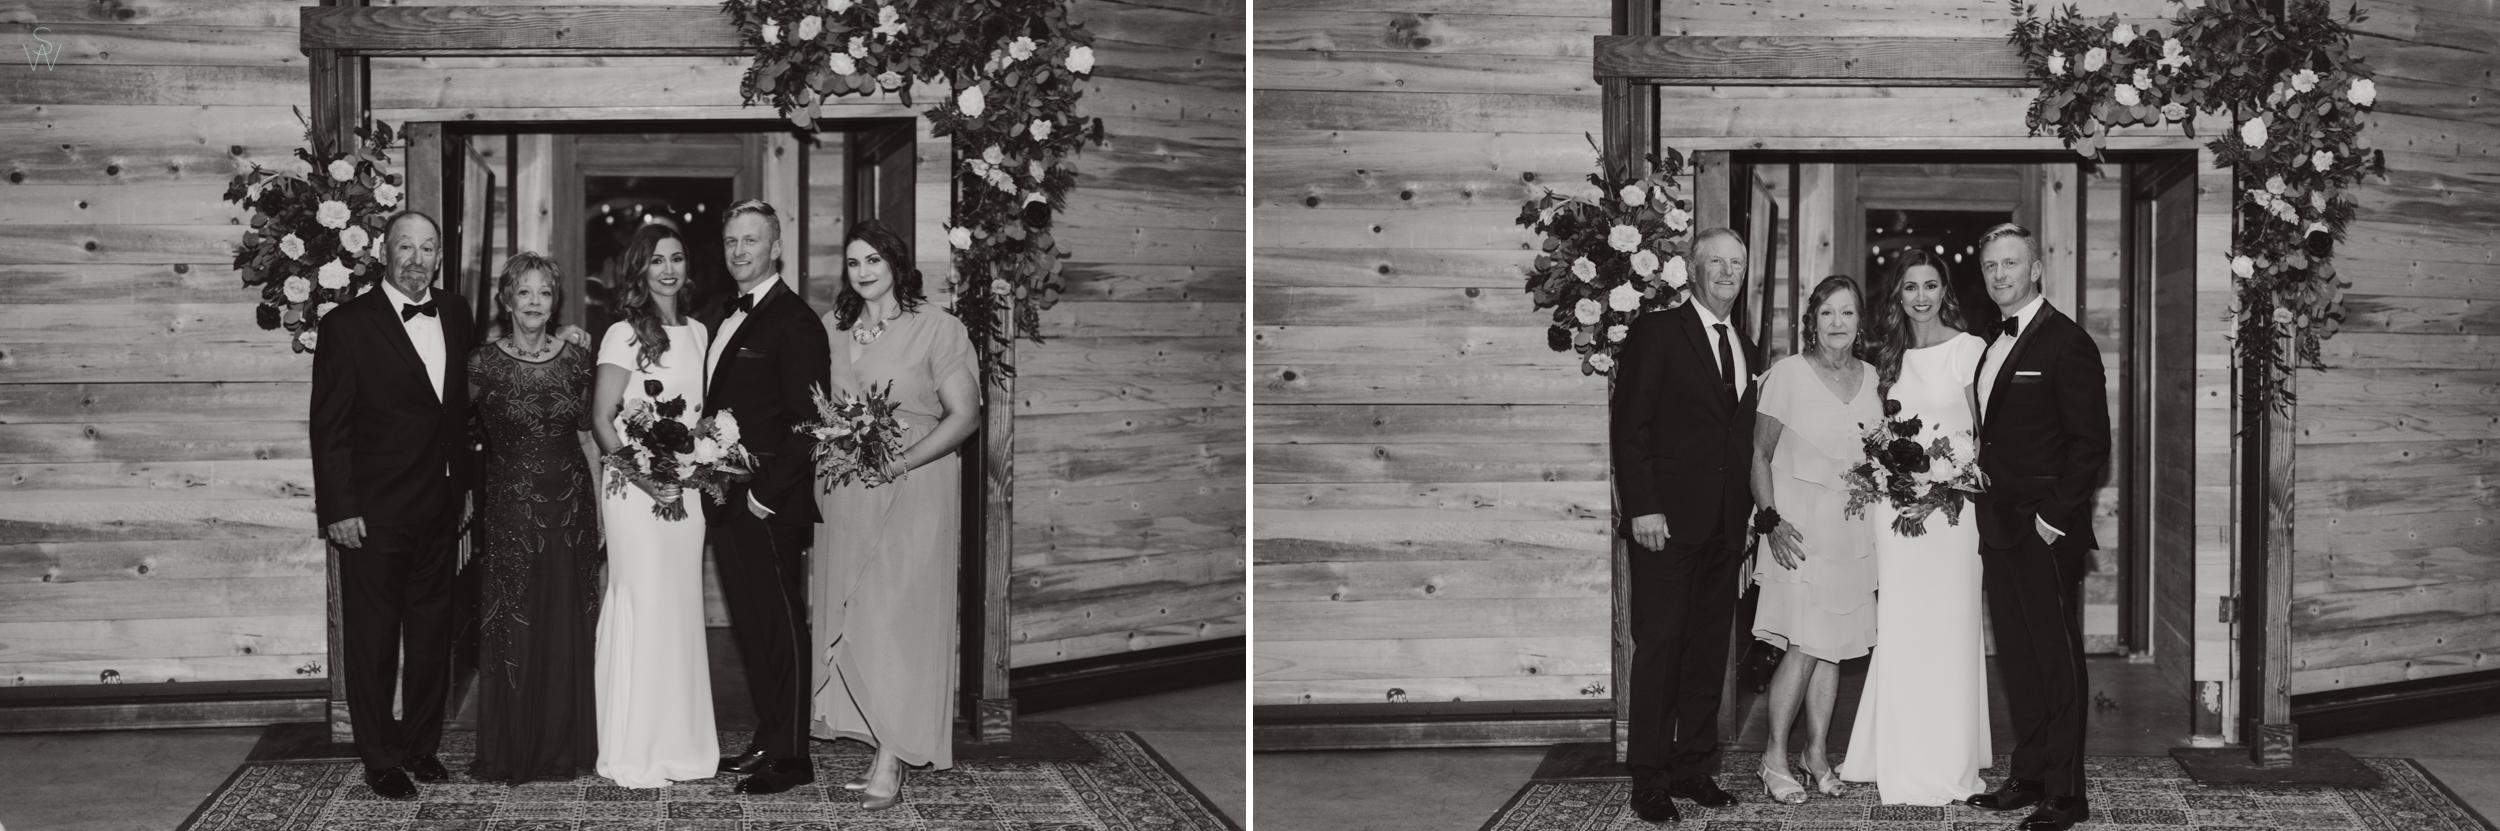 166THE.UNDERGROUND.ELEPHANT.wedding.photography.shewanders.JPG